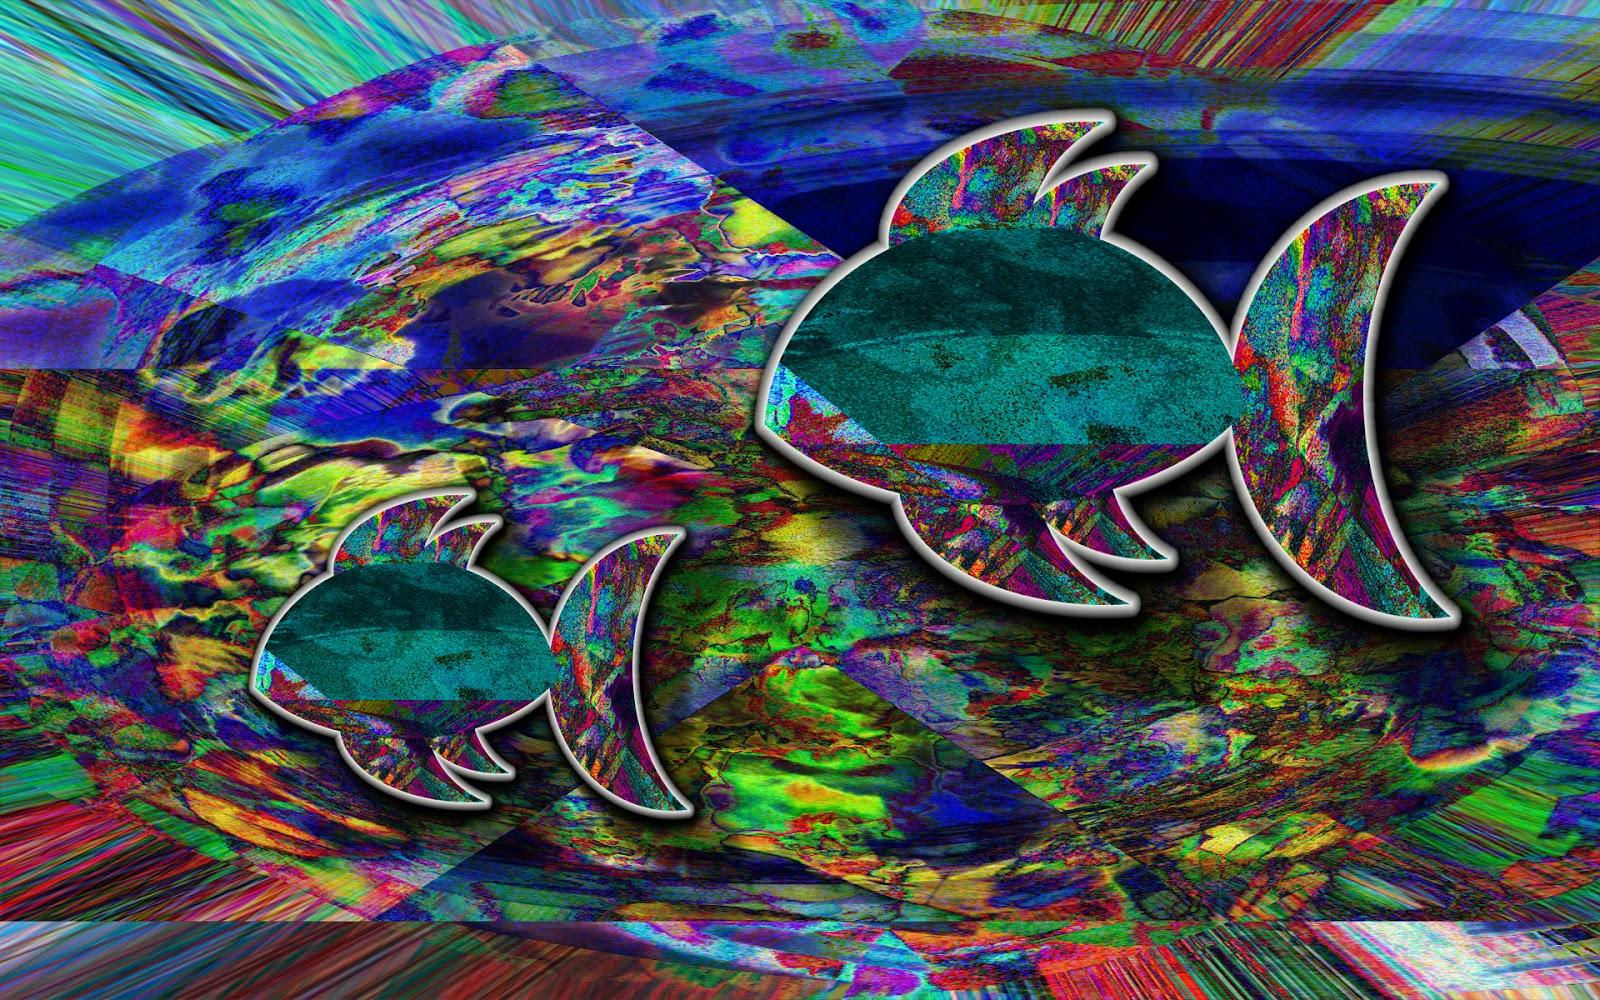 http://1.bp.blogspot.com/-P7TRAu_EdFY/T8oDyJiLo3I/AAAAAAAAOa4/W26p2dz_QI8/s1600/fish-fantasy-jpg-1920-1200-free-desktop-wallpaper-backgrounds-gregvanderlaan.jpg